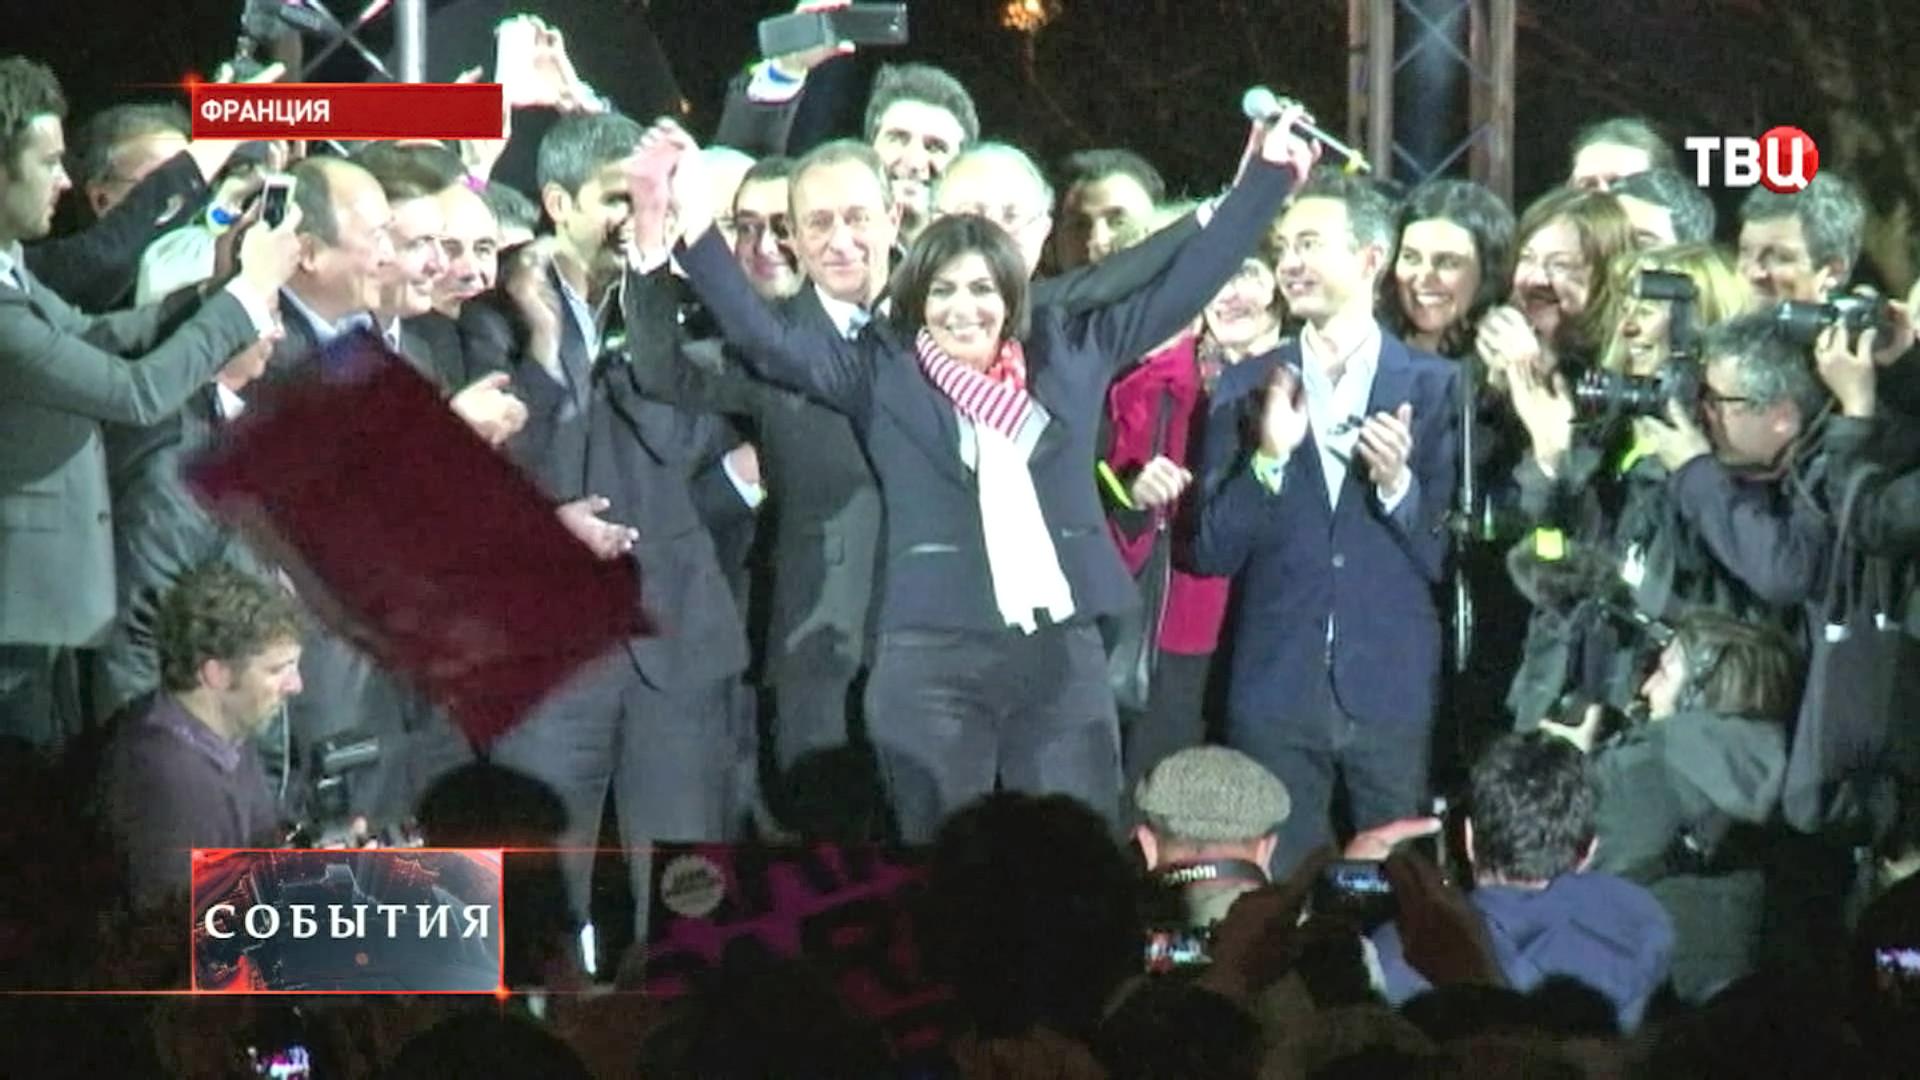 Первая женщина-мэр во Франции Анн Идальго